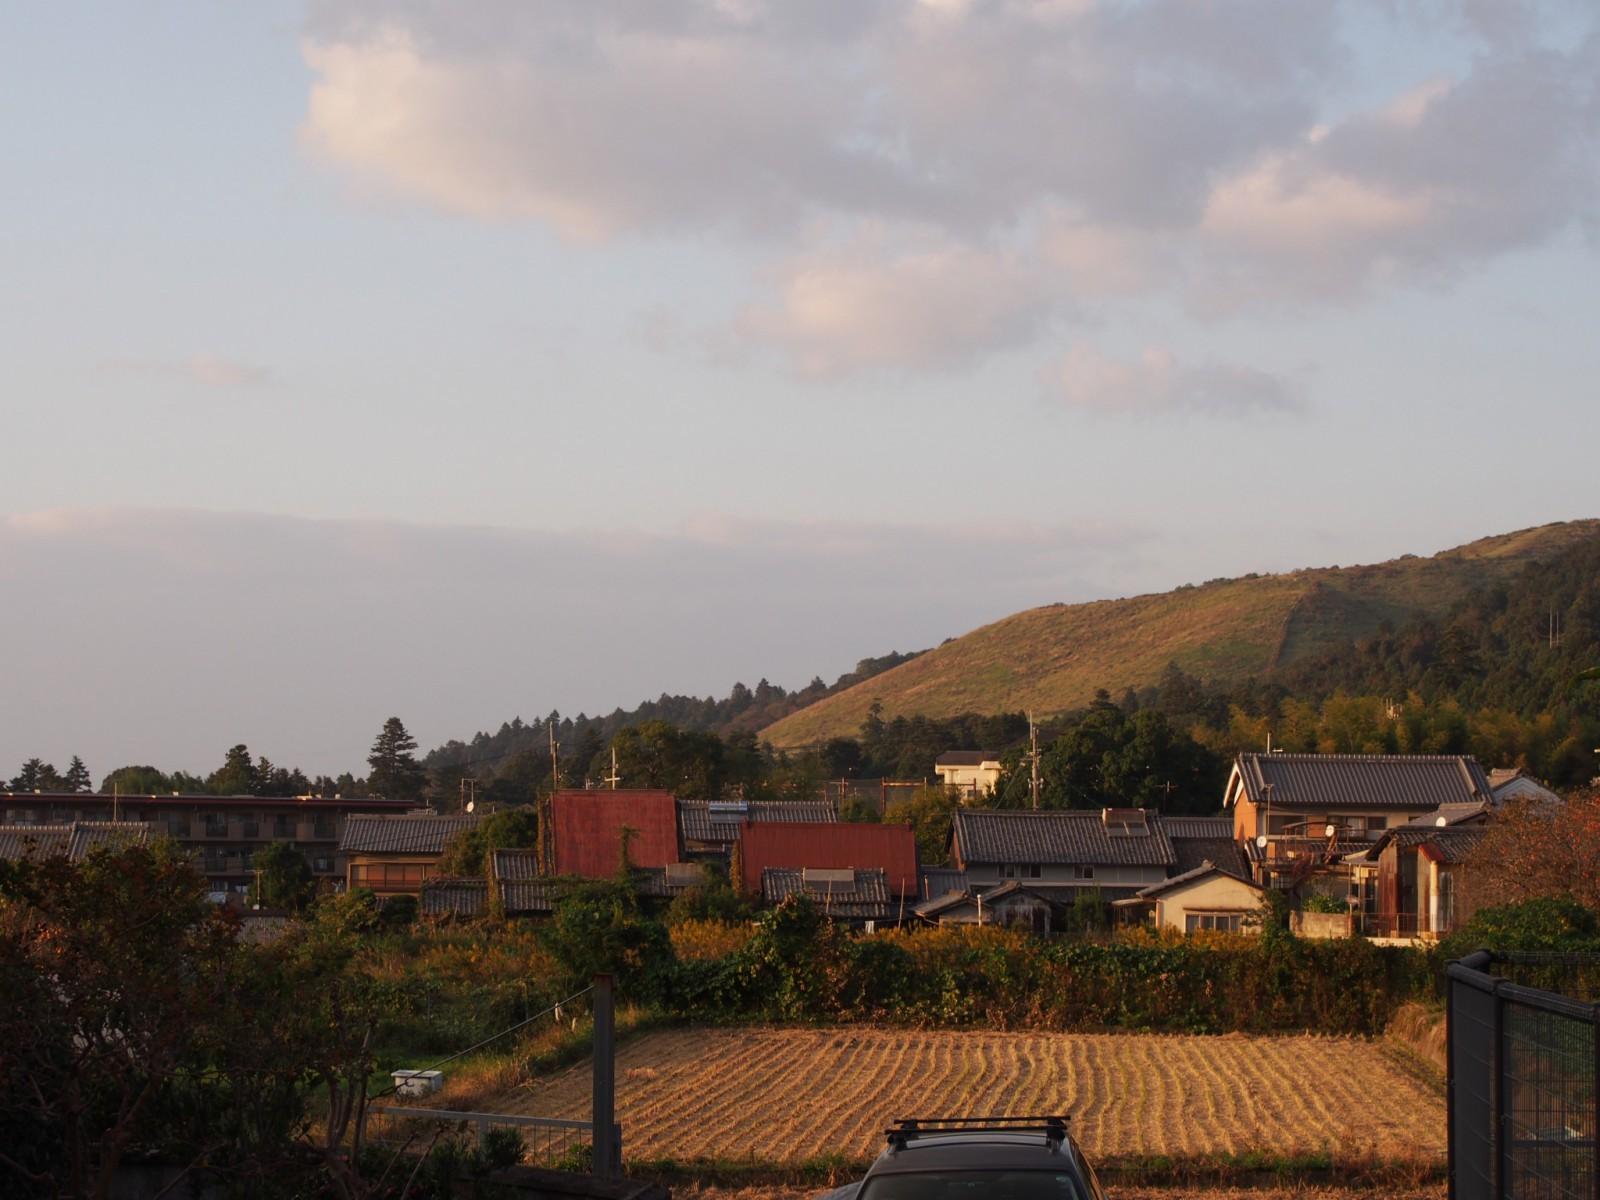 元茅葺き屋根の家並みと「若草山」